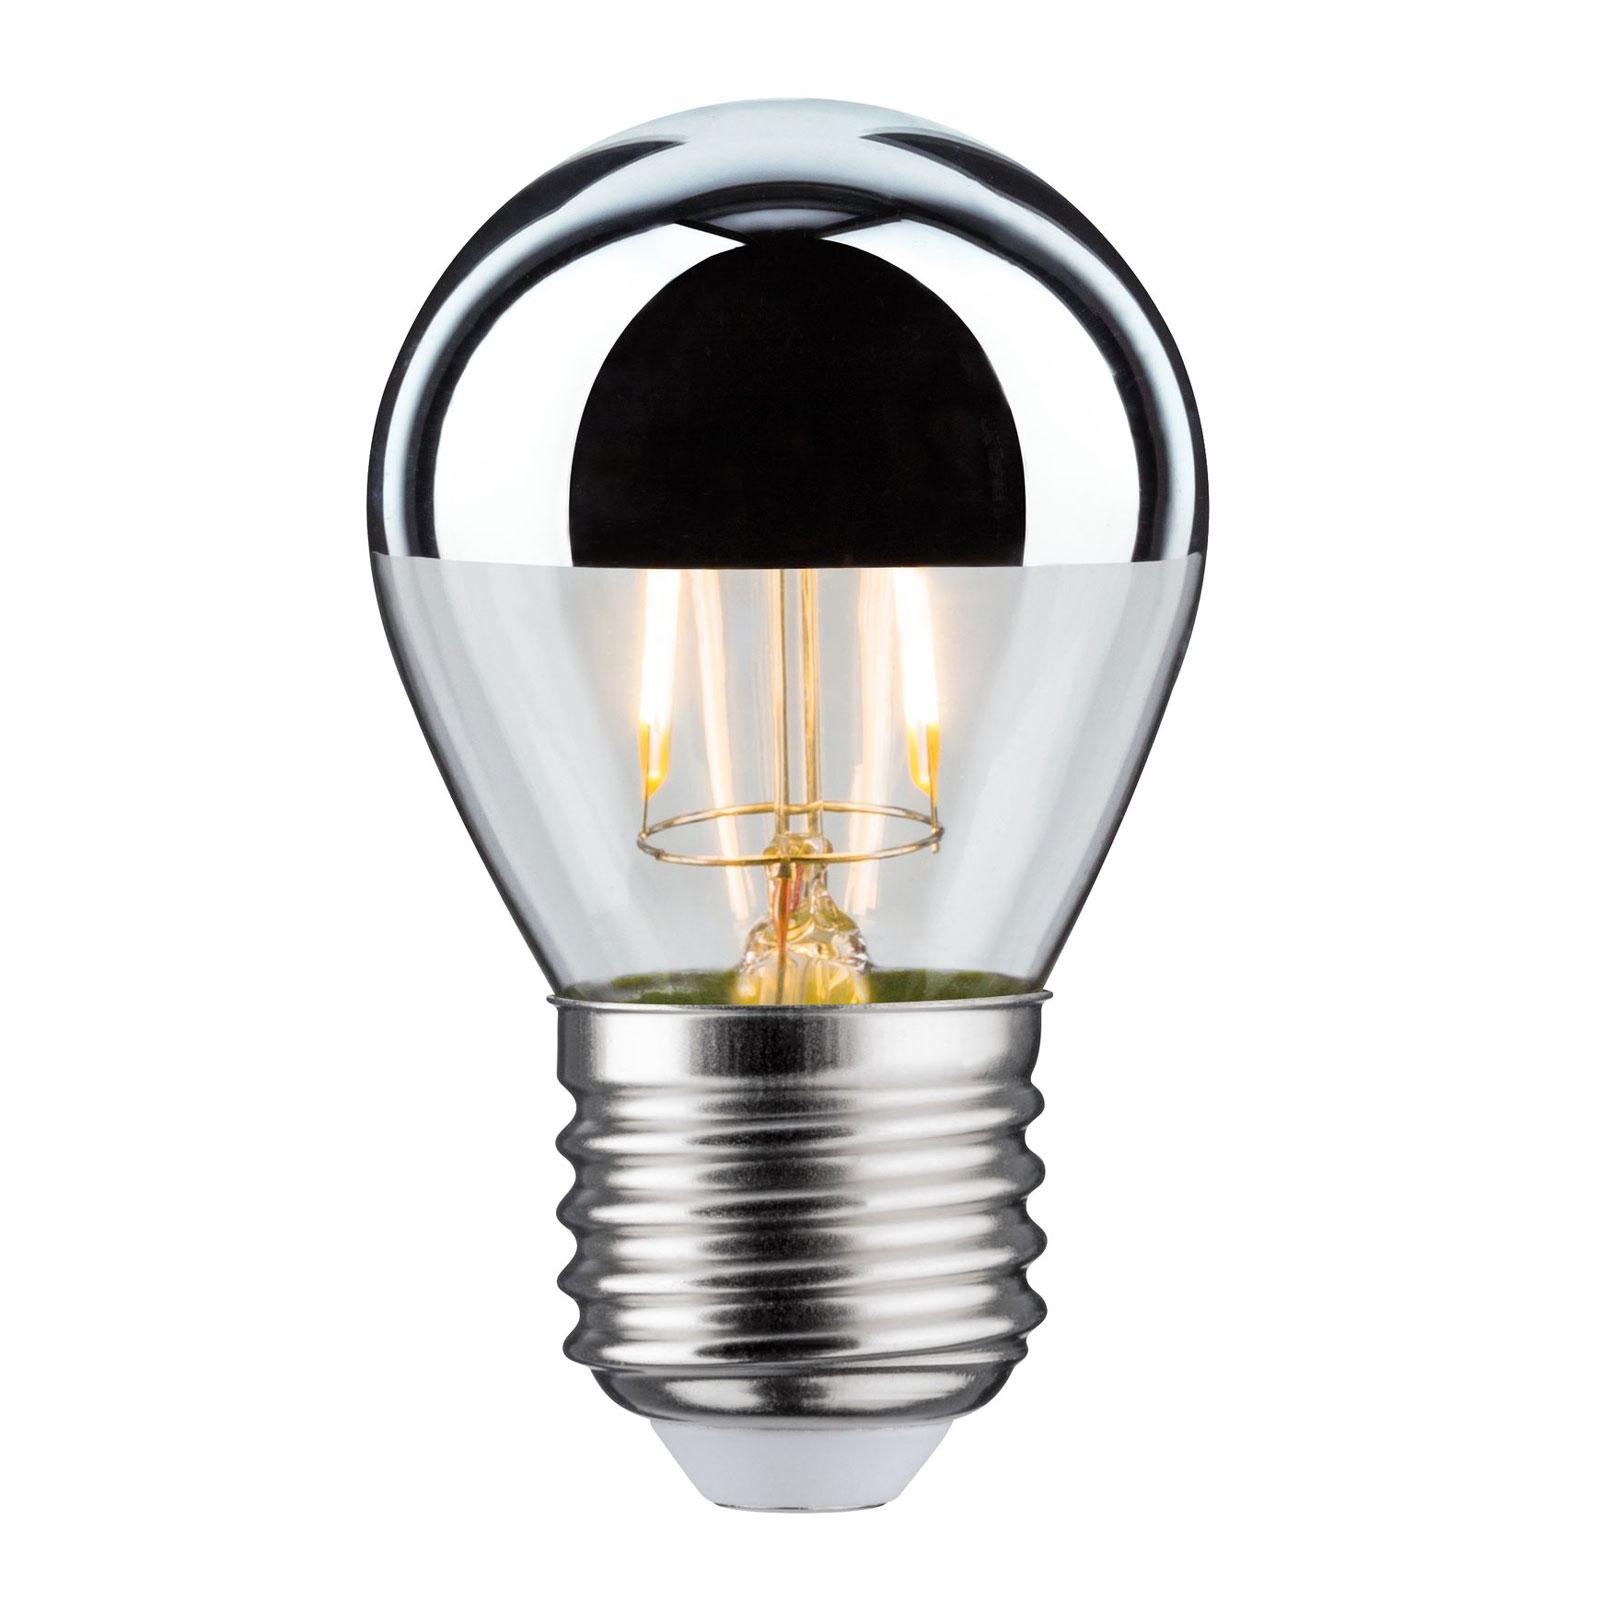 LED-Kopfspiegellampe E27 Tropfen 827  silber 2,6W